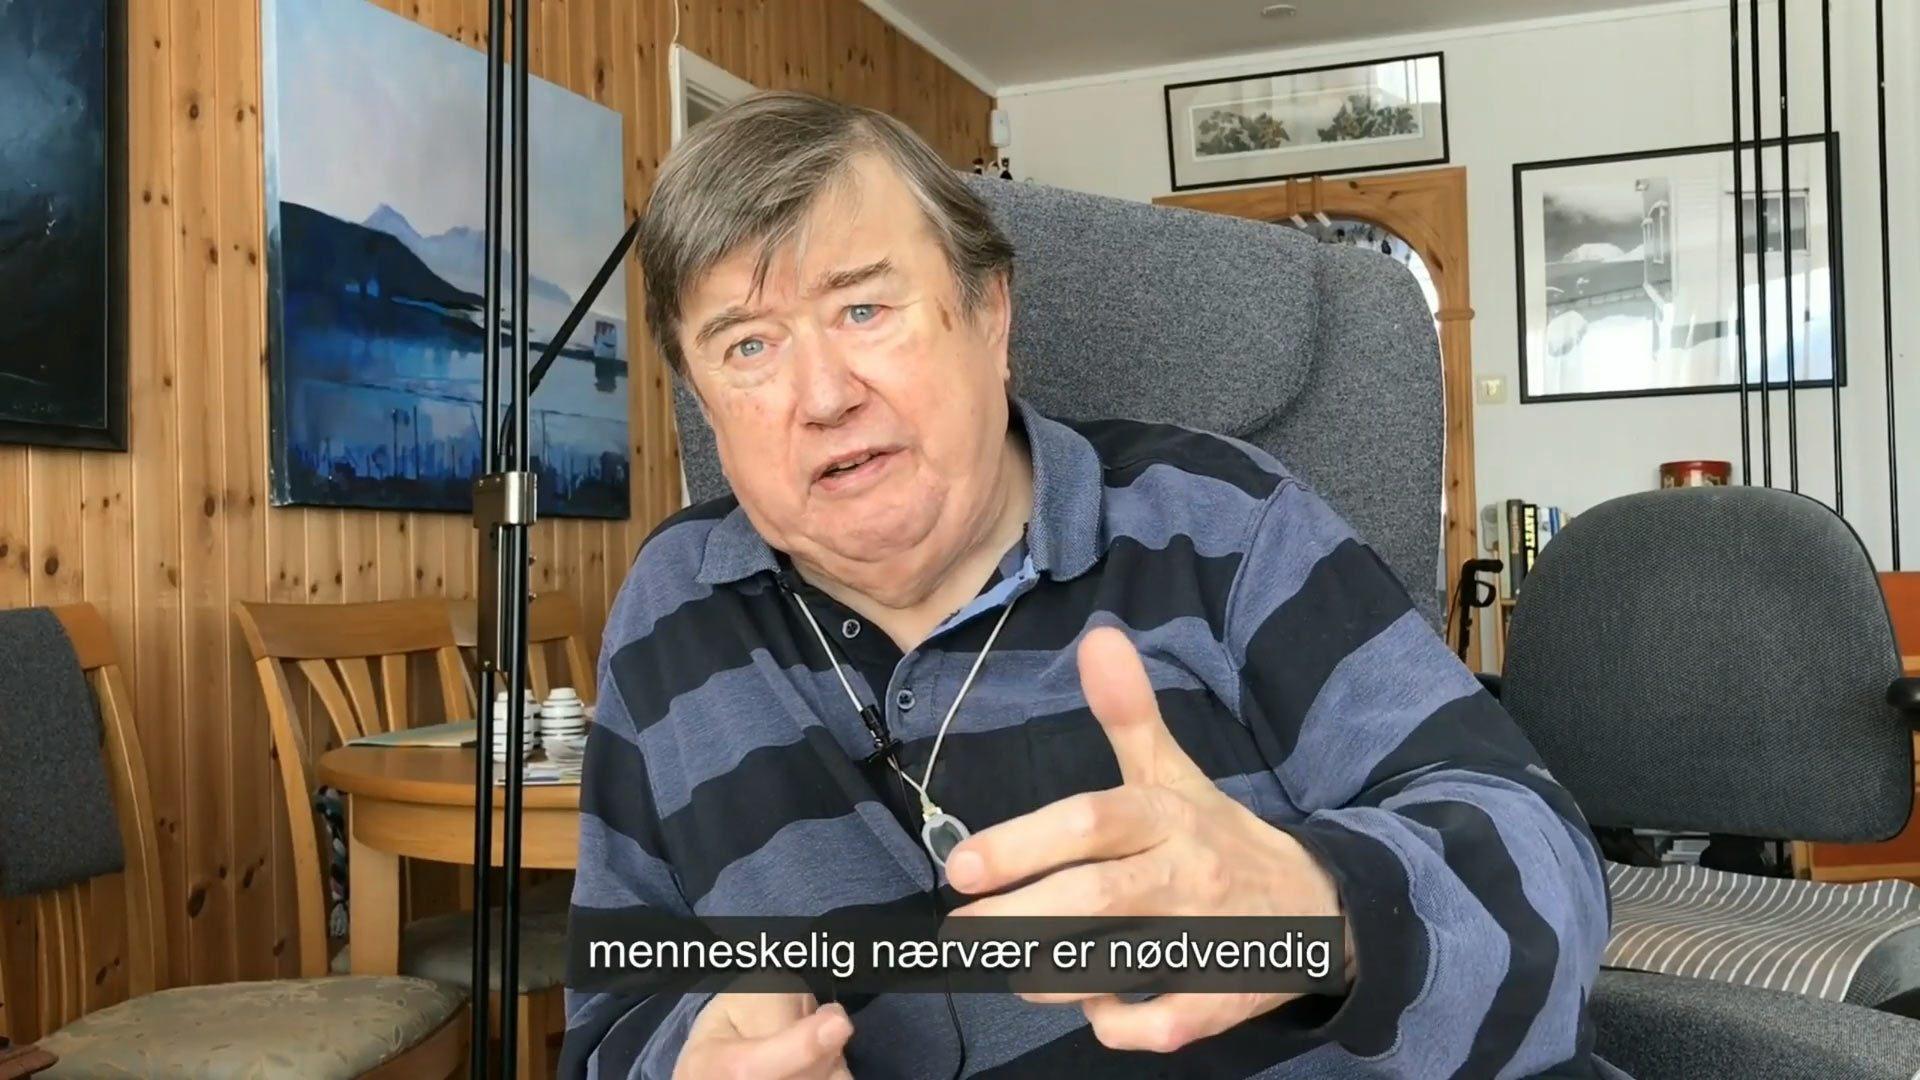 Pasient Sigurd Stenersen. Skjermbilde fra video av Nasjonalt senter for e-helseforskning.